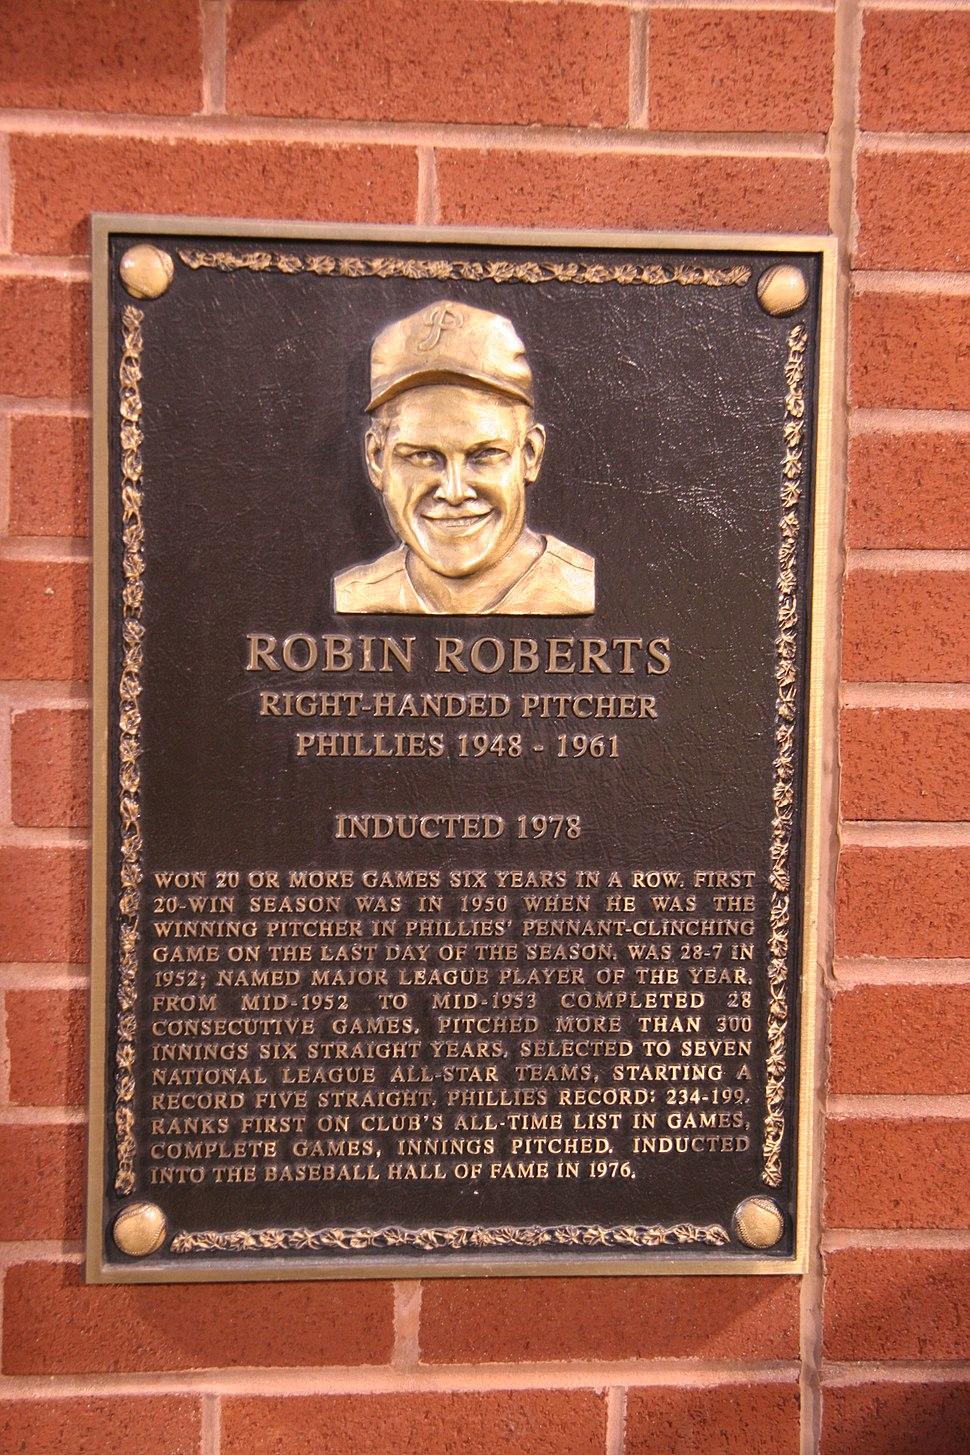 Robin Roberts plaque